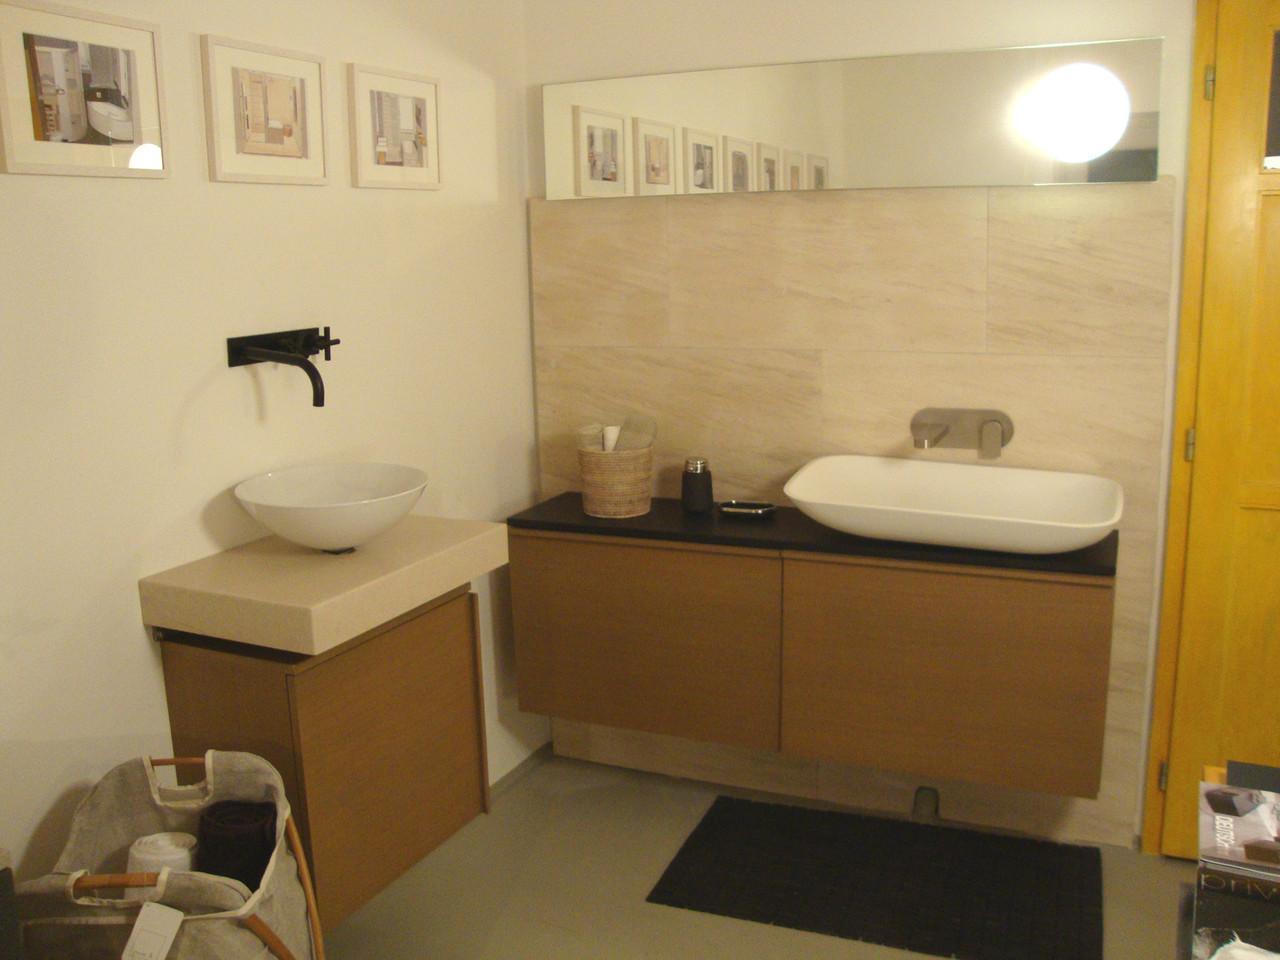 Der kleine Showroom zeigt einige Waschplatzlösungen.